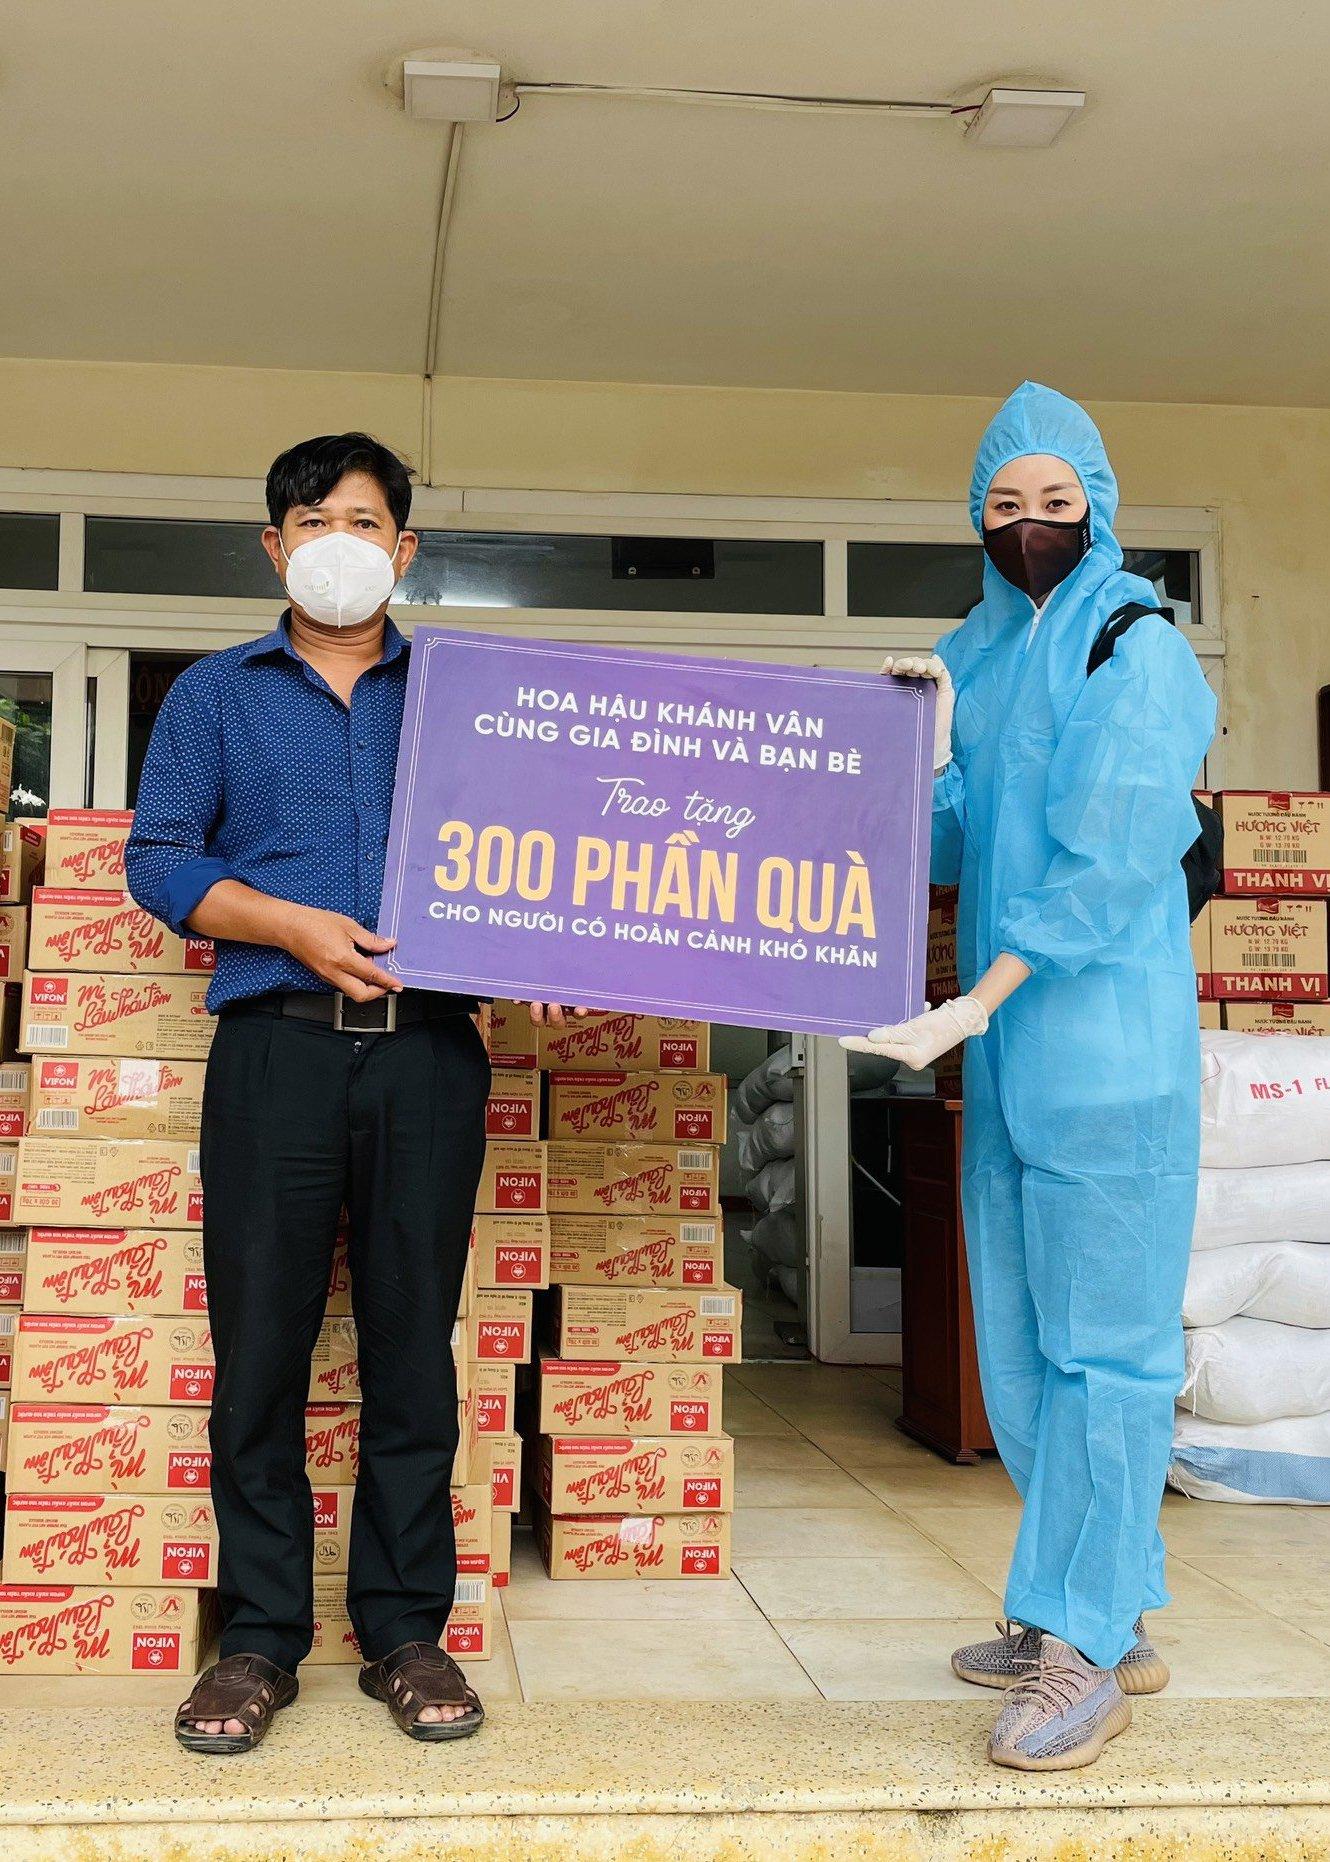 Hoa hau Khanh Van ung ho 300 phan qua cho nguoi co hoan canh kho khan tai TPHCM24